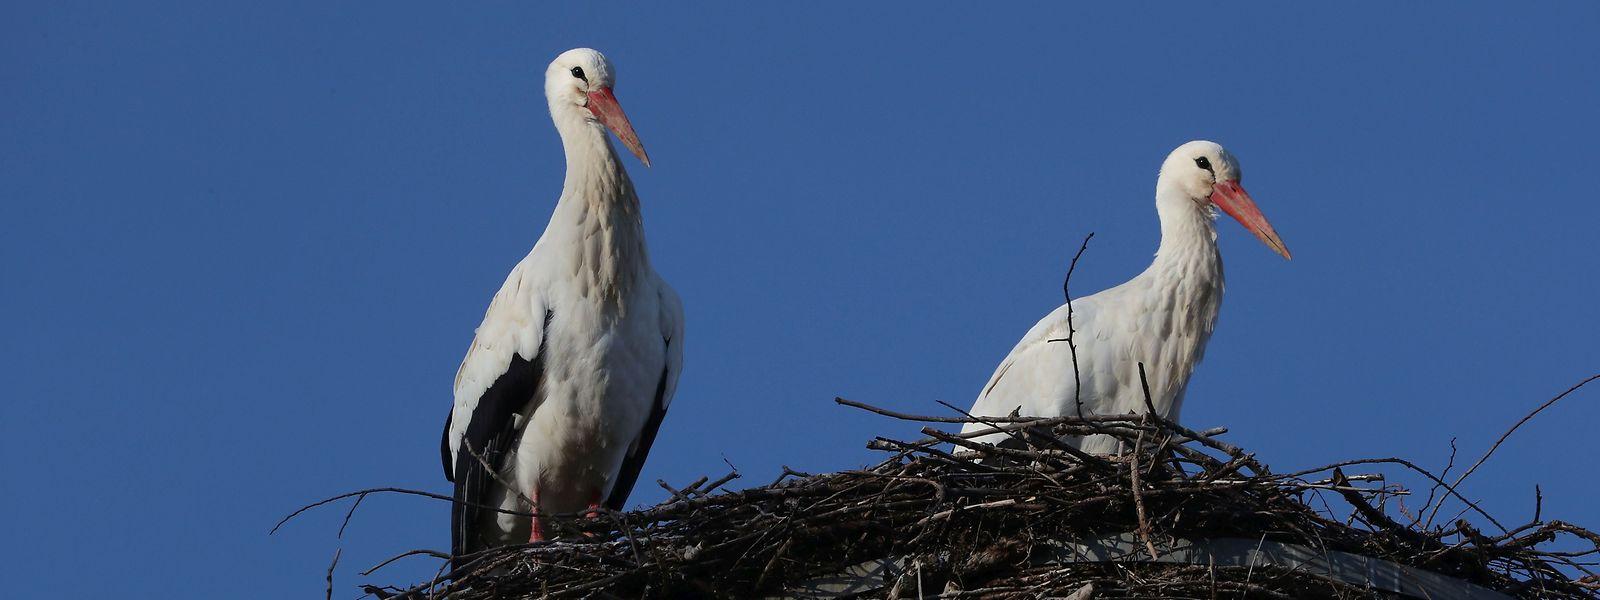 Ein Erfolg für den Naturschutz war die Rückkehr des Weißstorchs. Er brütet seit 2013 wieder in Luxemburg.